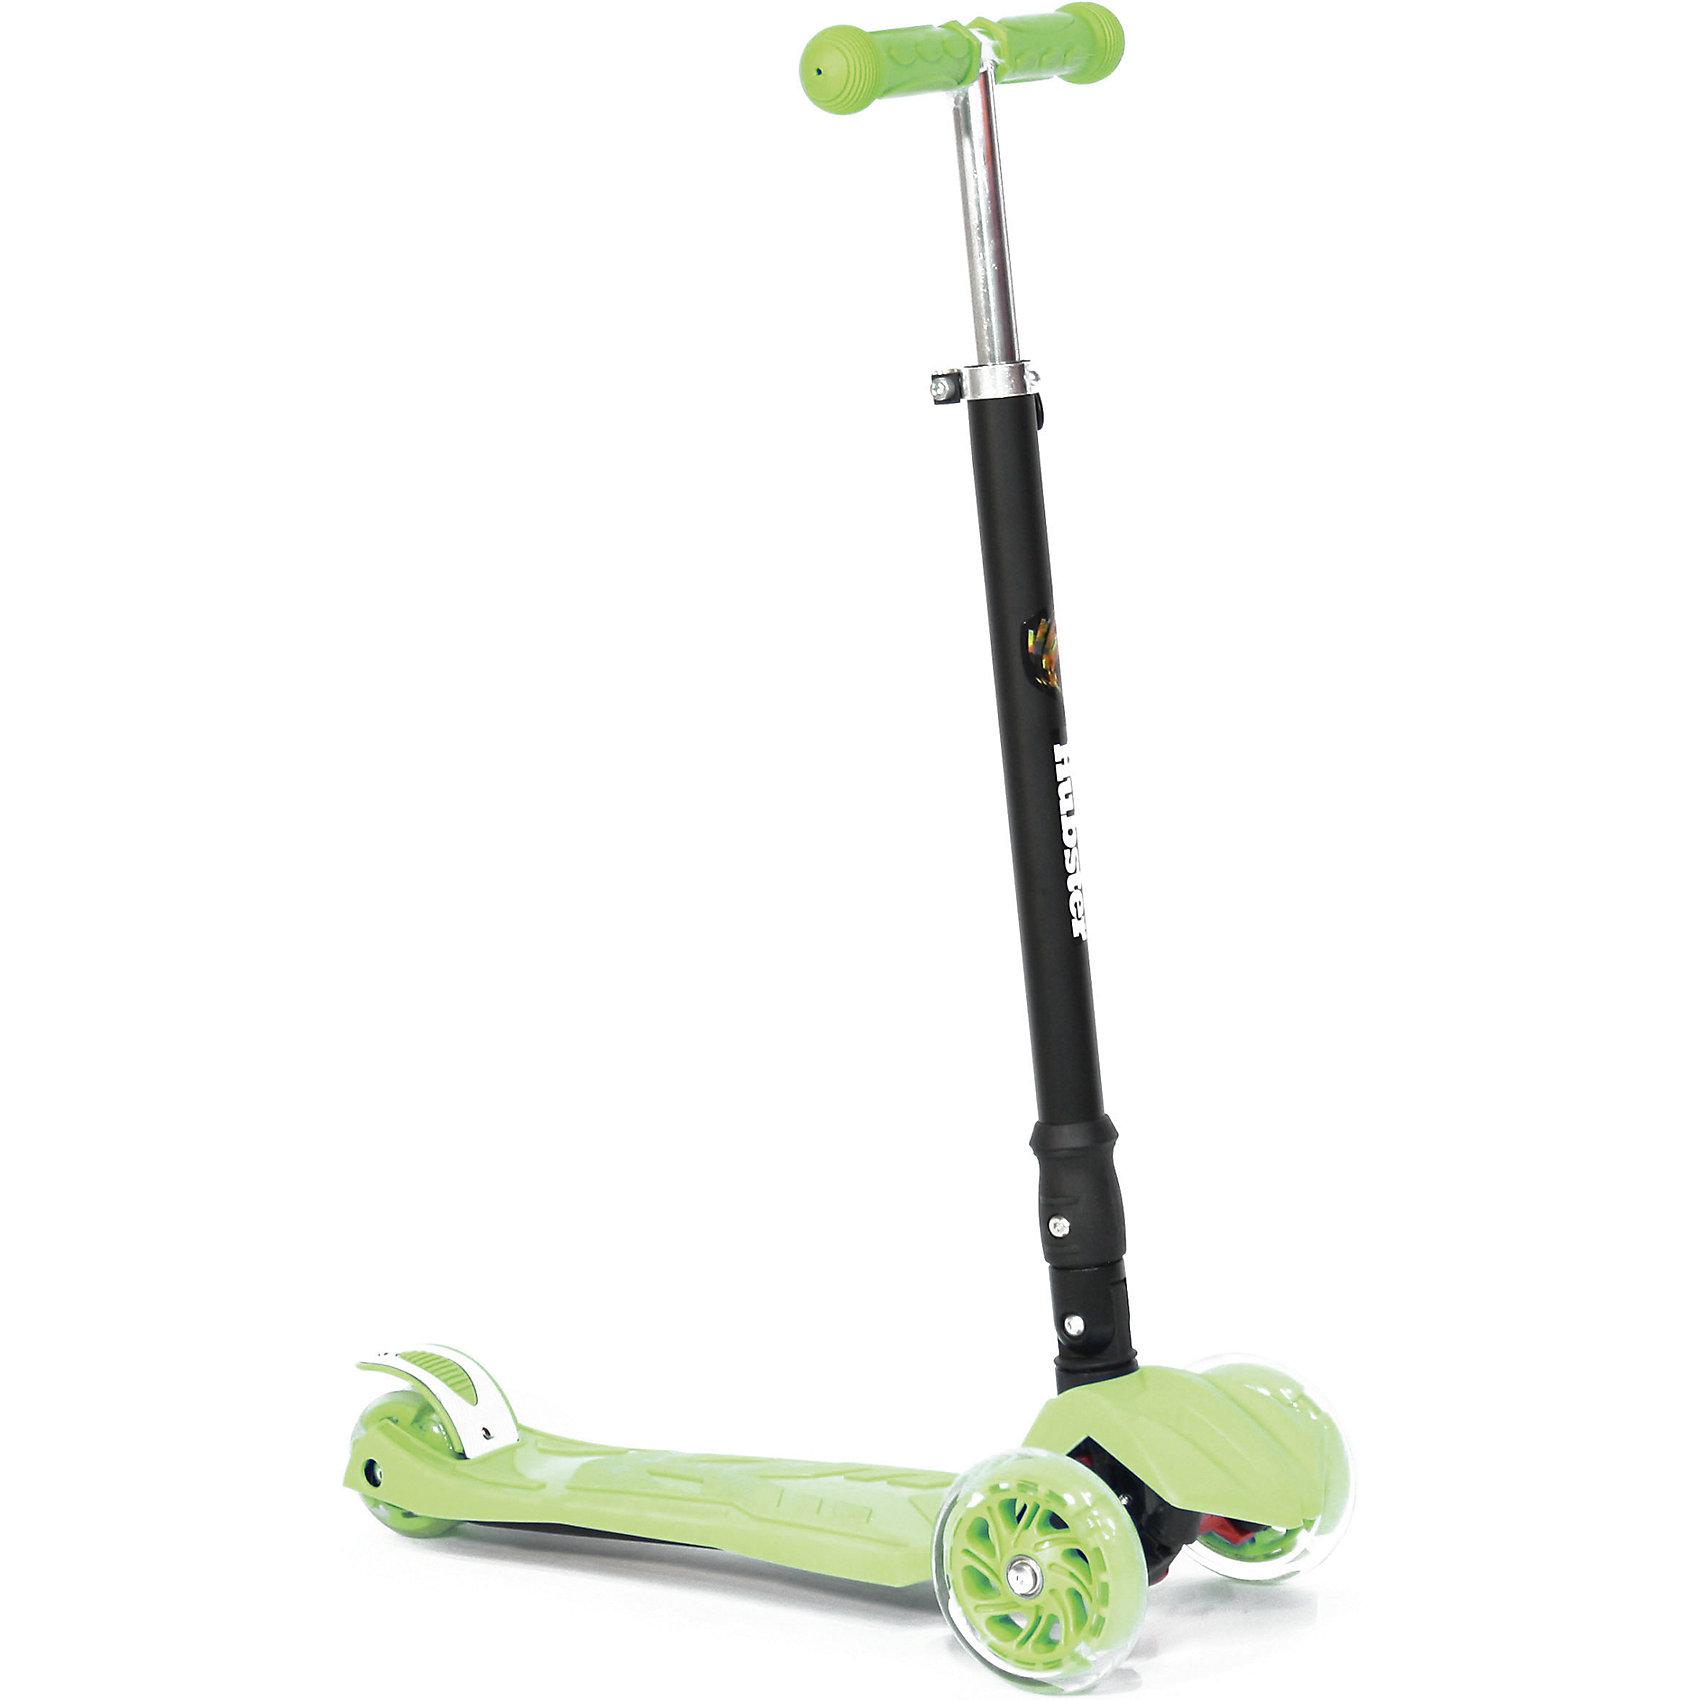 Самокат Hubster Maxi Plus Flash,  зеленыйСамокаты<br>Возраст: 3+<br>Вес: 2,5 кг. Максимальная нагрузка: 50 кг<br>Рама: алюминий, пластик, резина, ПУ материалы<br>Размер колес: 120 х 24 мм, задние 80 мм<br>Тормоз: Ножной<br>Ширина руля: 26 см<br>Регулируемая высота руля: 65 - 88 см<br>Длина платформы: 32 см<br>Ширина платформы: 13 см<br>Длина самоката: 57 см<br>Грипсы: Травмобезопасные с защитной подушечкой<br>Объем: 0.02 м?<br>светящиеся колеса<br><br>Ширина мм: 590<br>Глубина мм: 280<br>Высота мм: 150<br>Вес г: 3100<br>Возраст от месяцев: 36<br>Возраст до месяцев: 60<br>Пол: Унисекс<br>Возраст: Детский<br>SKU: 5518967